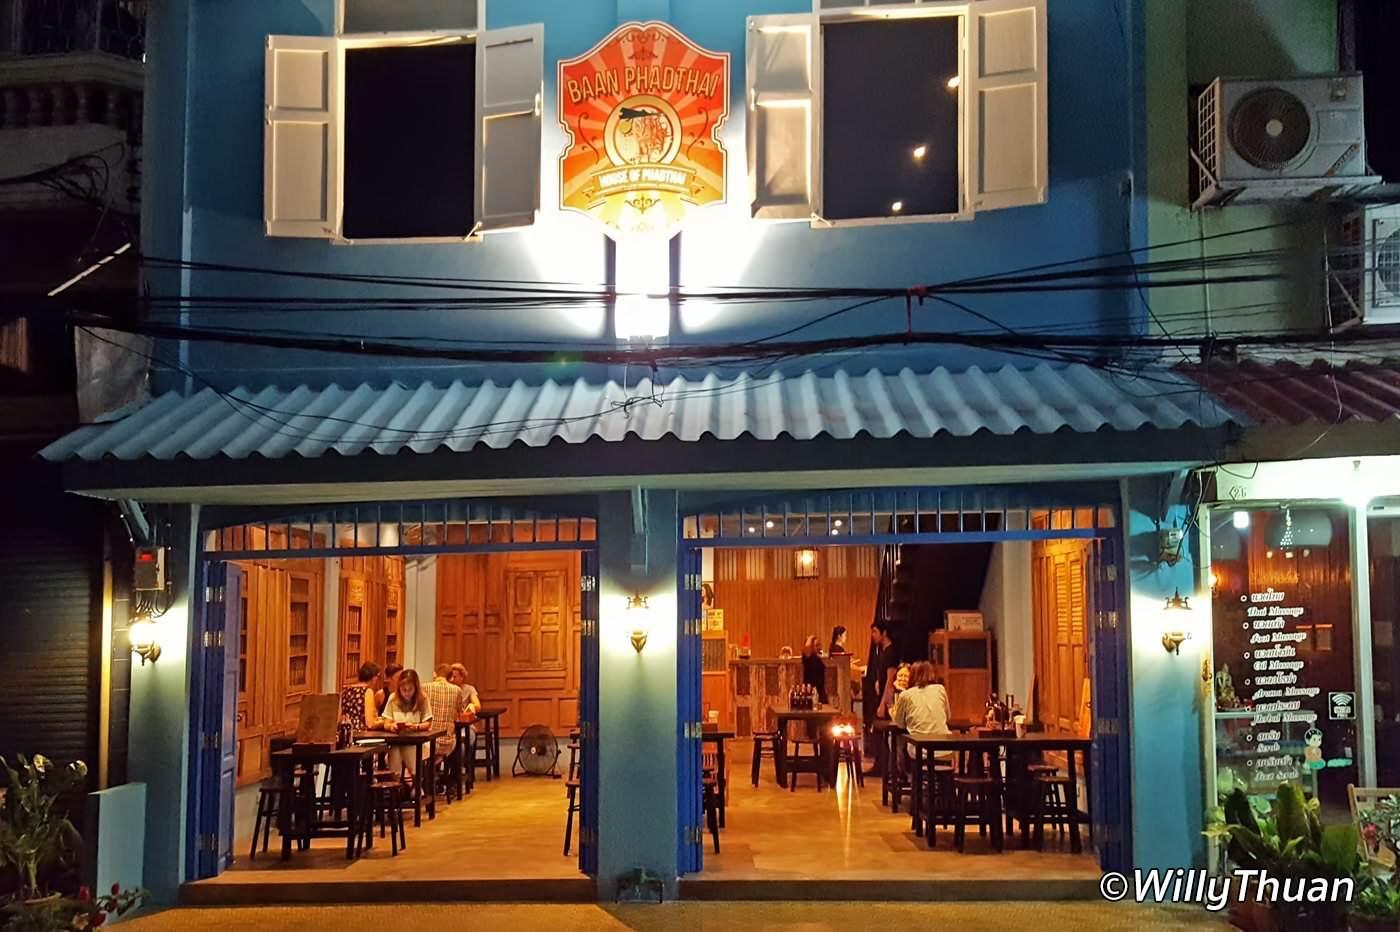 Baan Phadthai Restaurant Bangkok